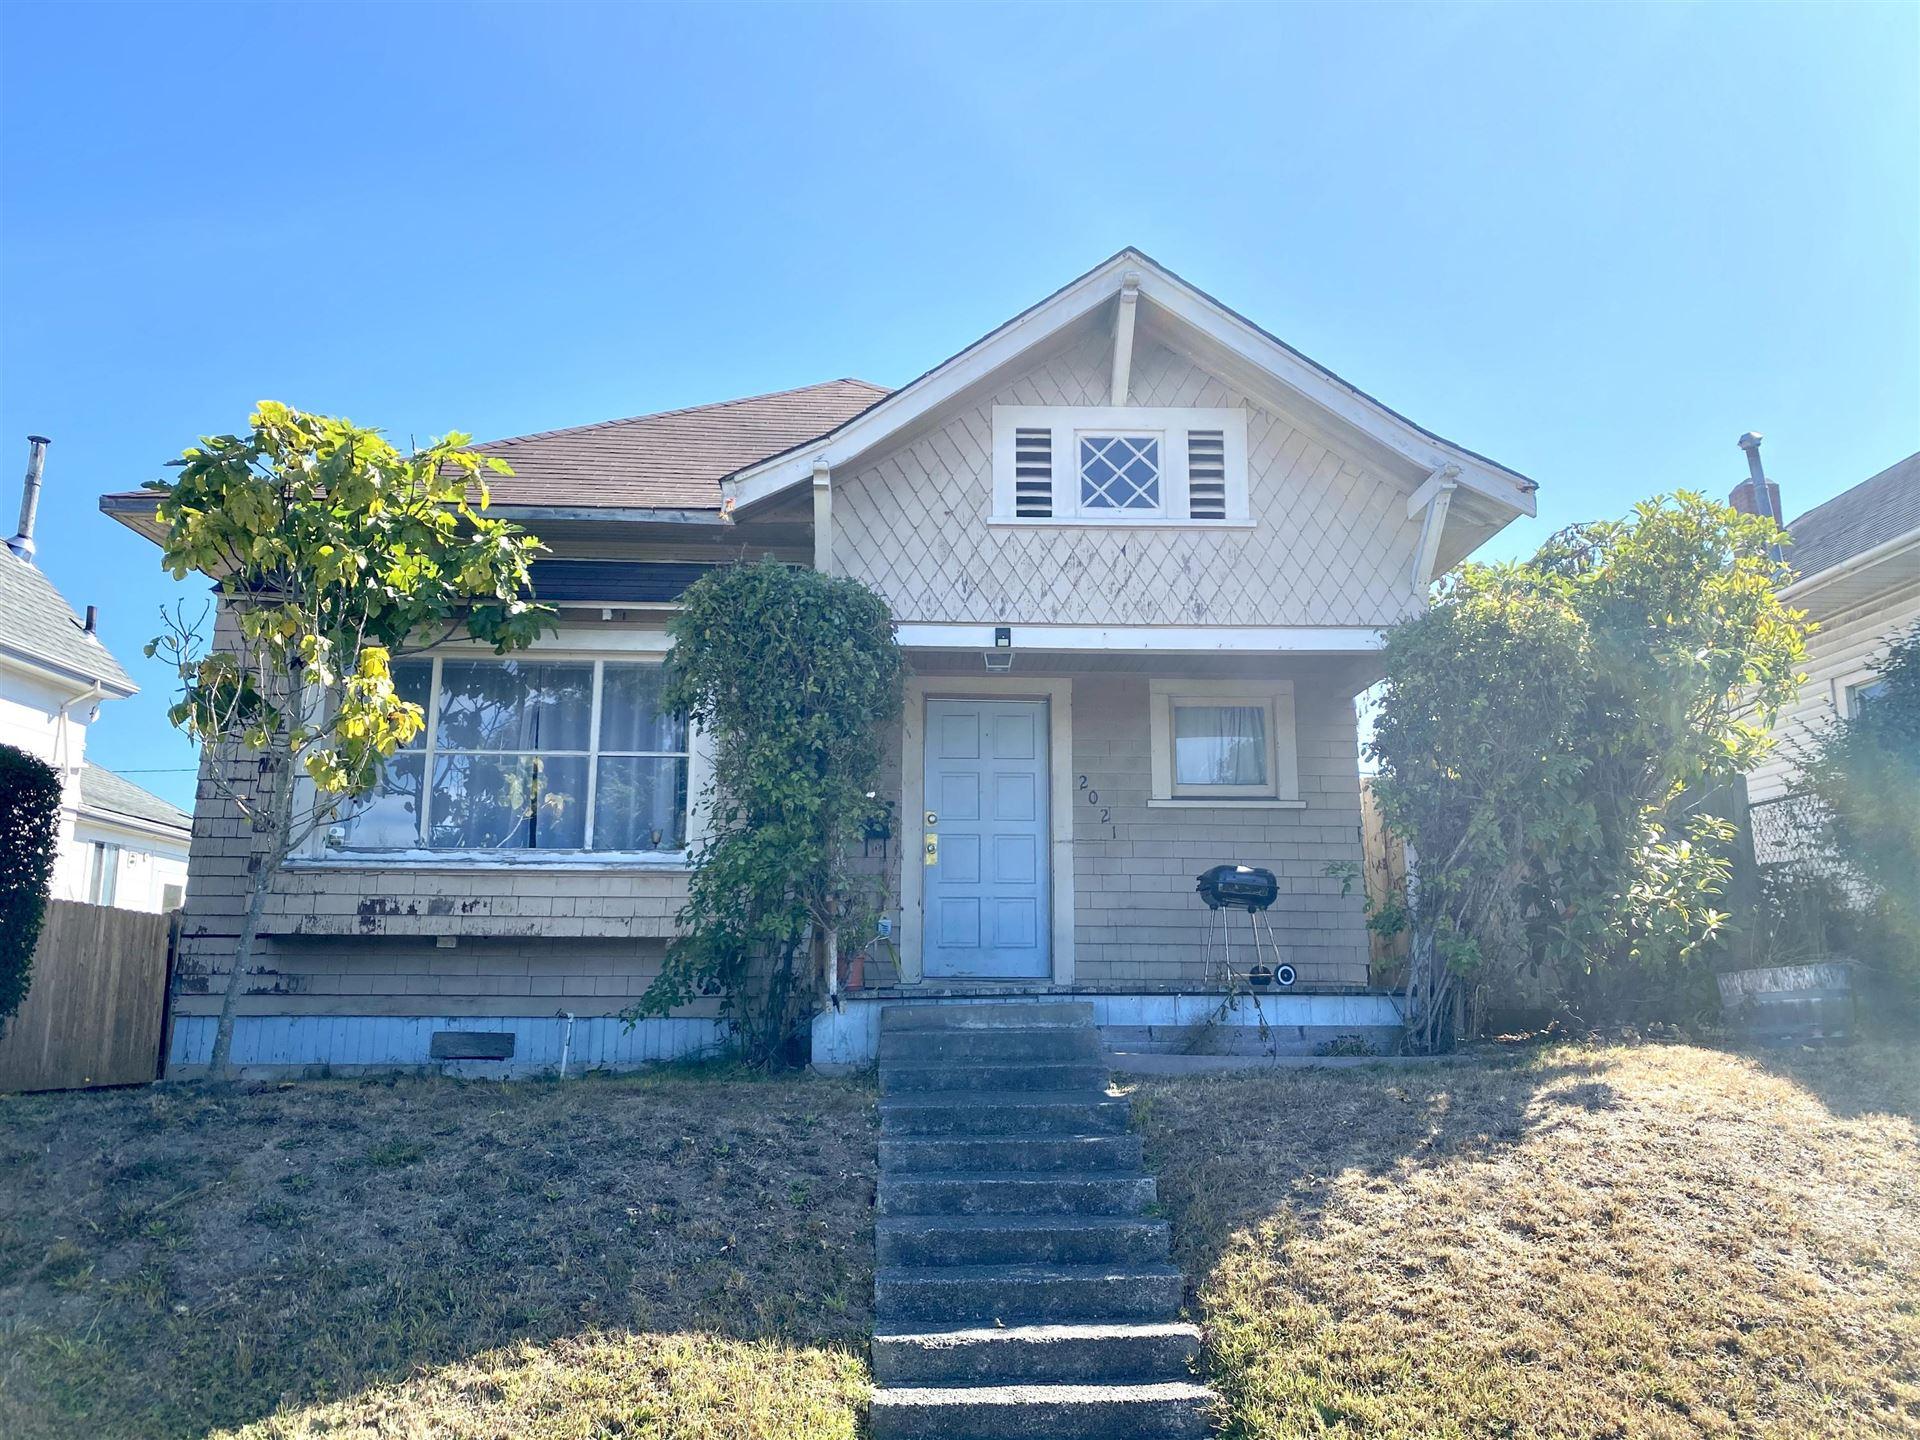 2021 B Street, Eureka, CA 95501 - MLS#: 257440